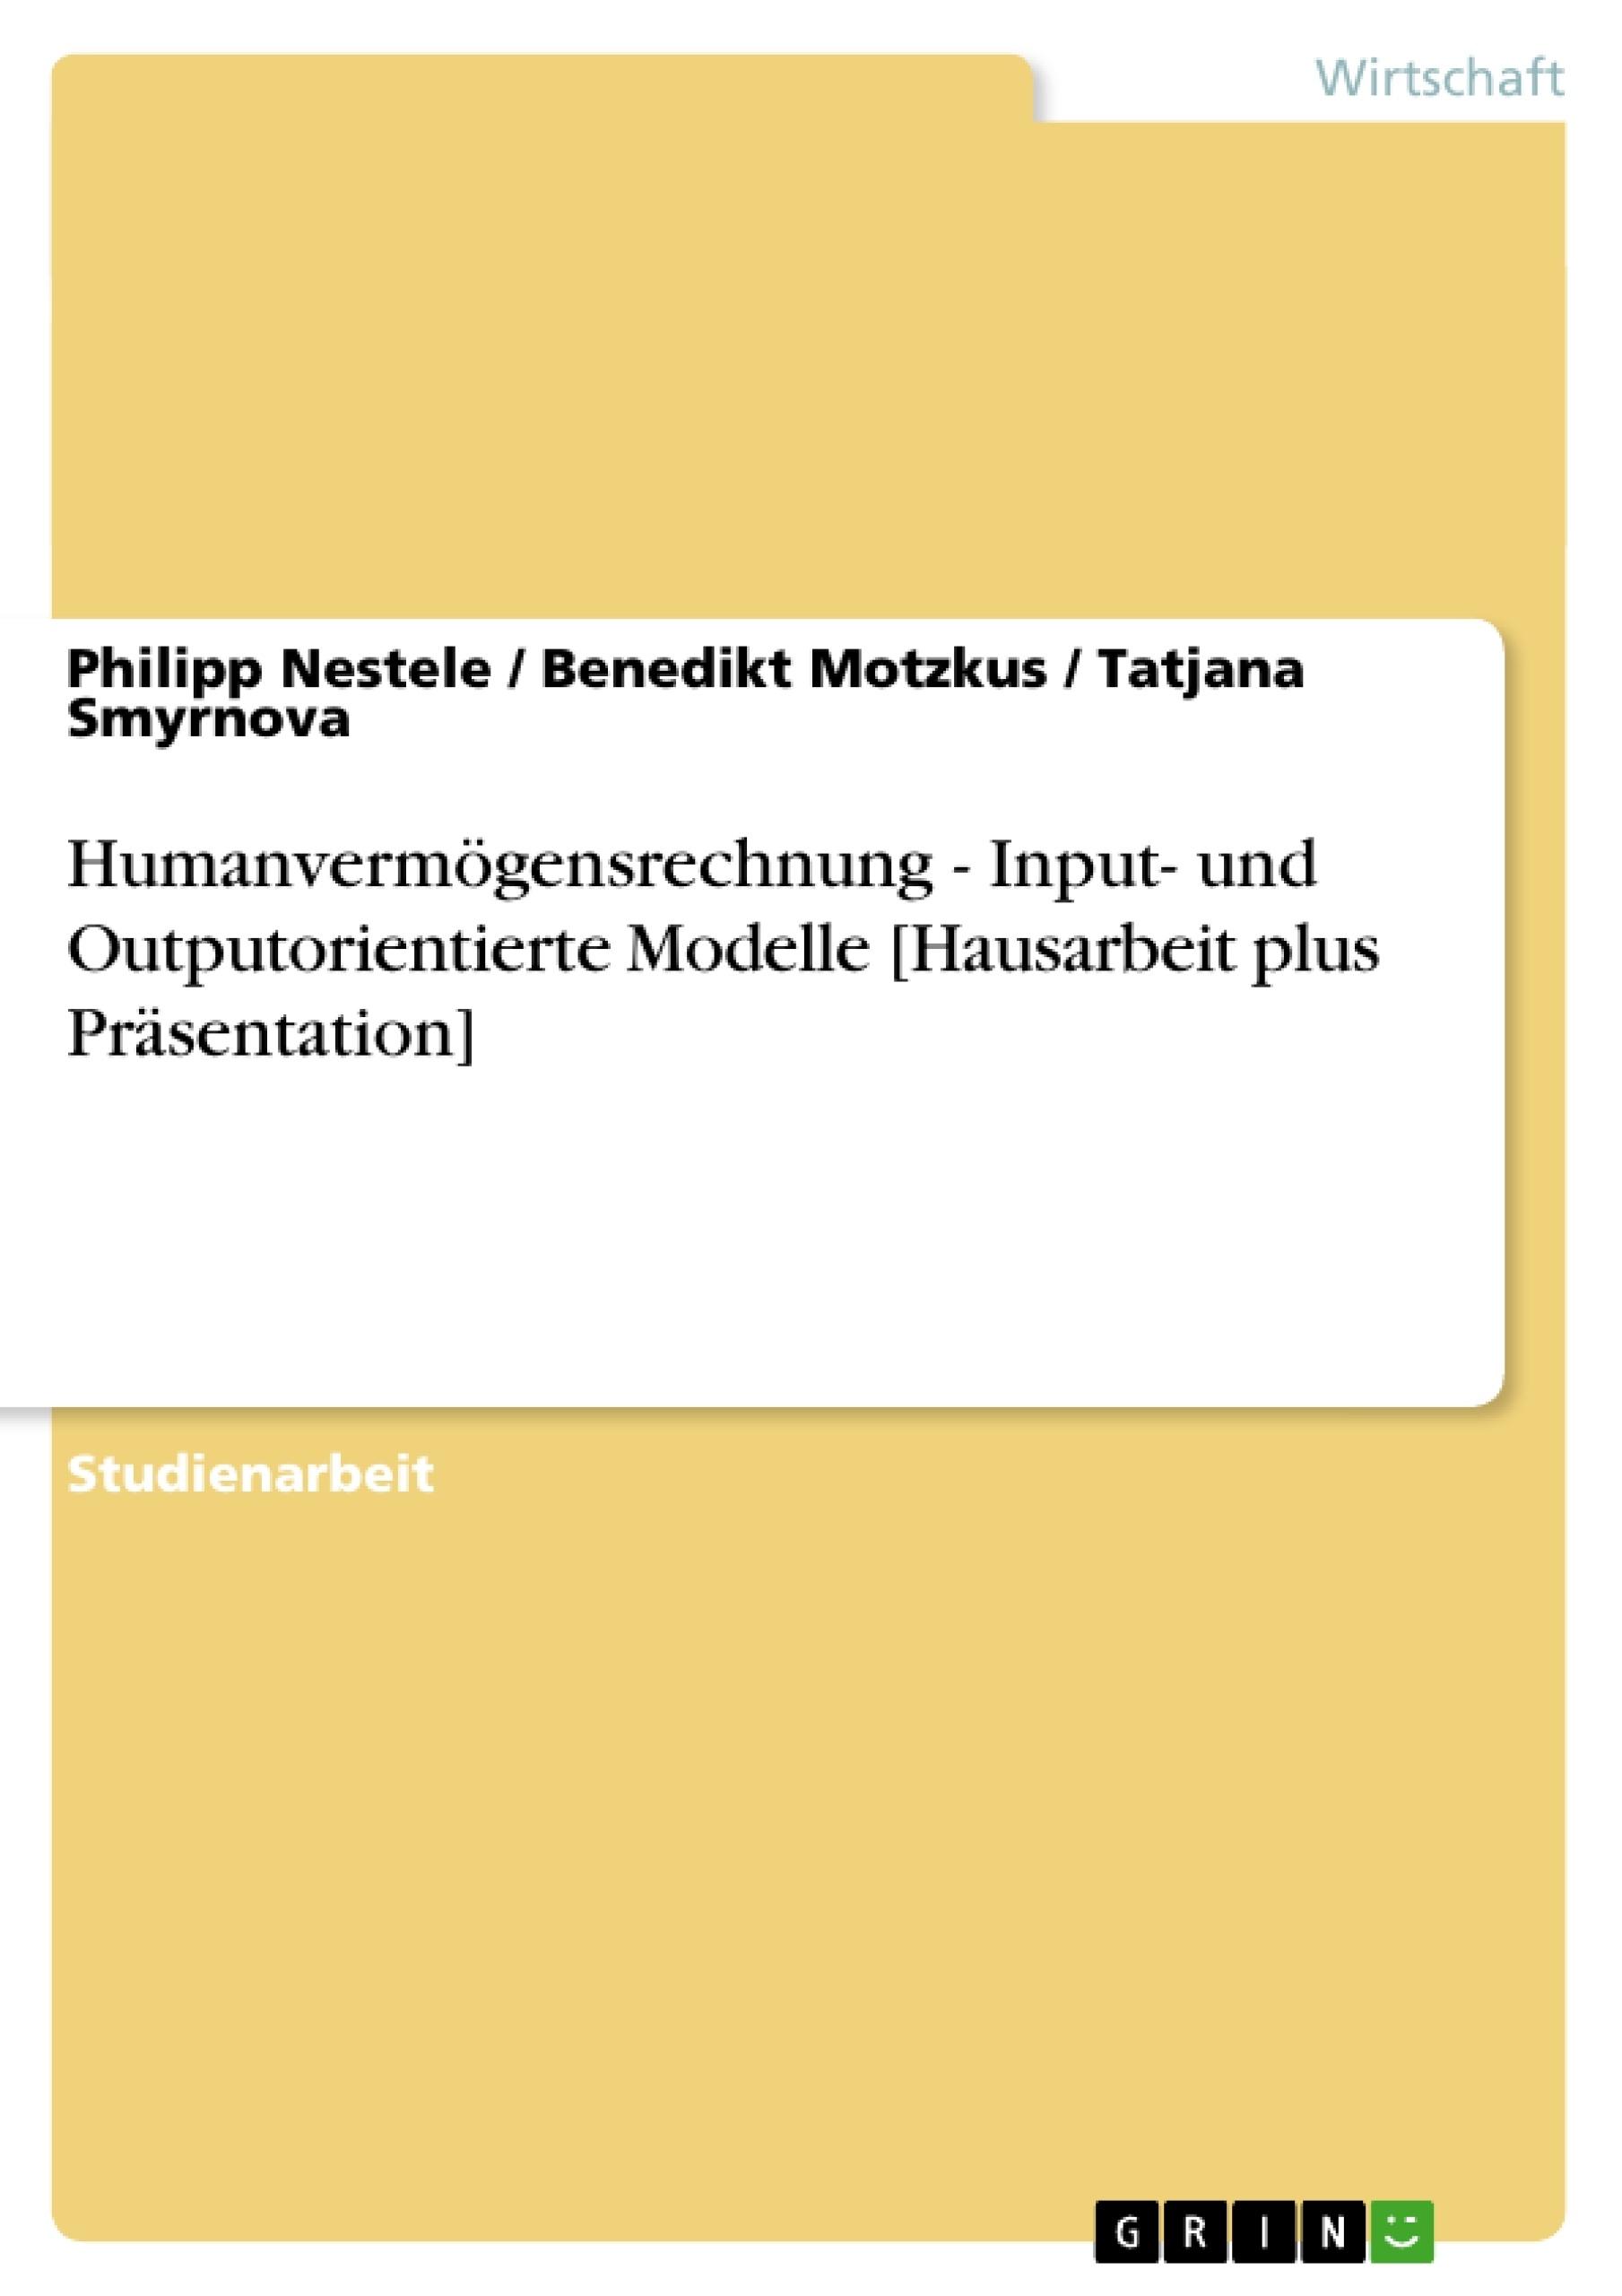 Titel: Humanvermögensrechnung - Input- und Outputorientierte Modelle [Hausarbeit plus Präsentation]